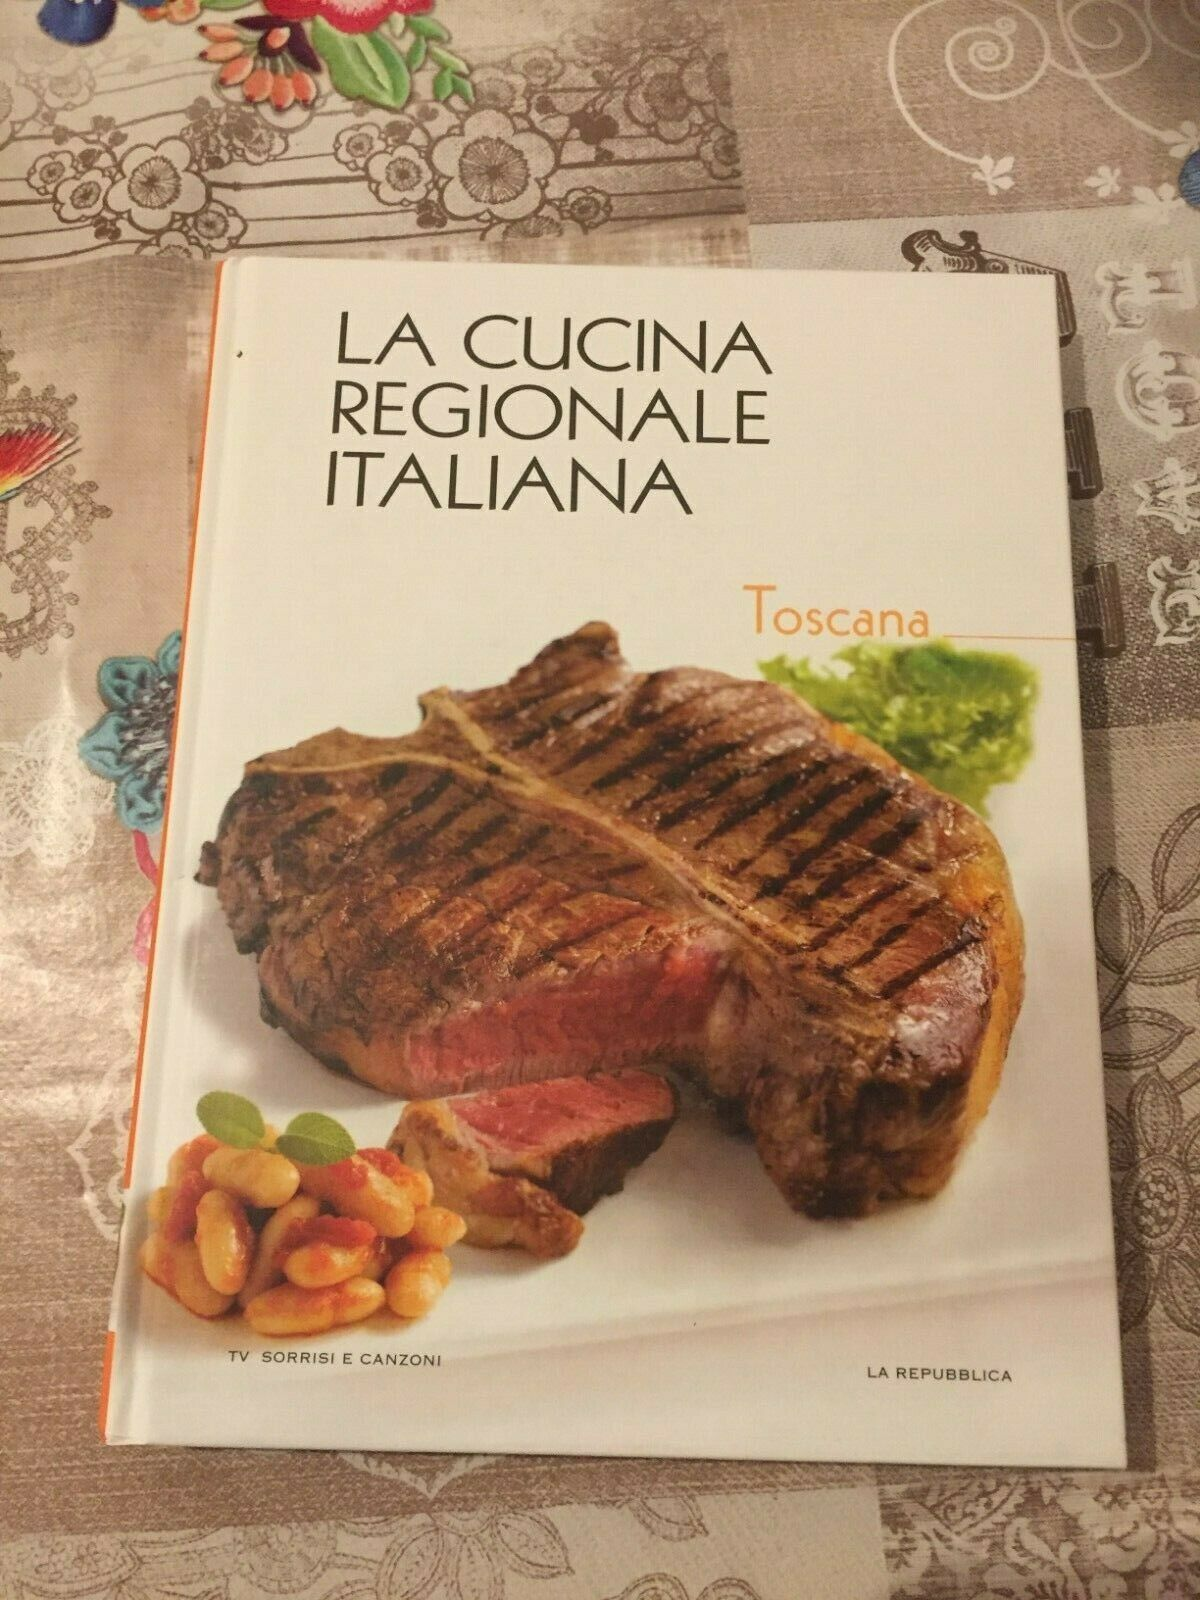 LA CUCINA REGIONALE ITALIANA LA TOSCANA vol 4 TV SORRISI E CANZONI LA REPUBBLICA